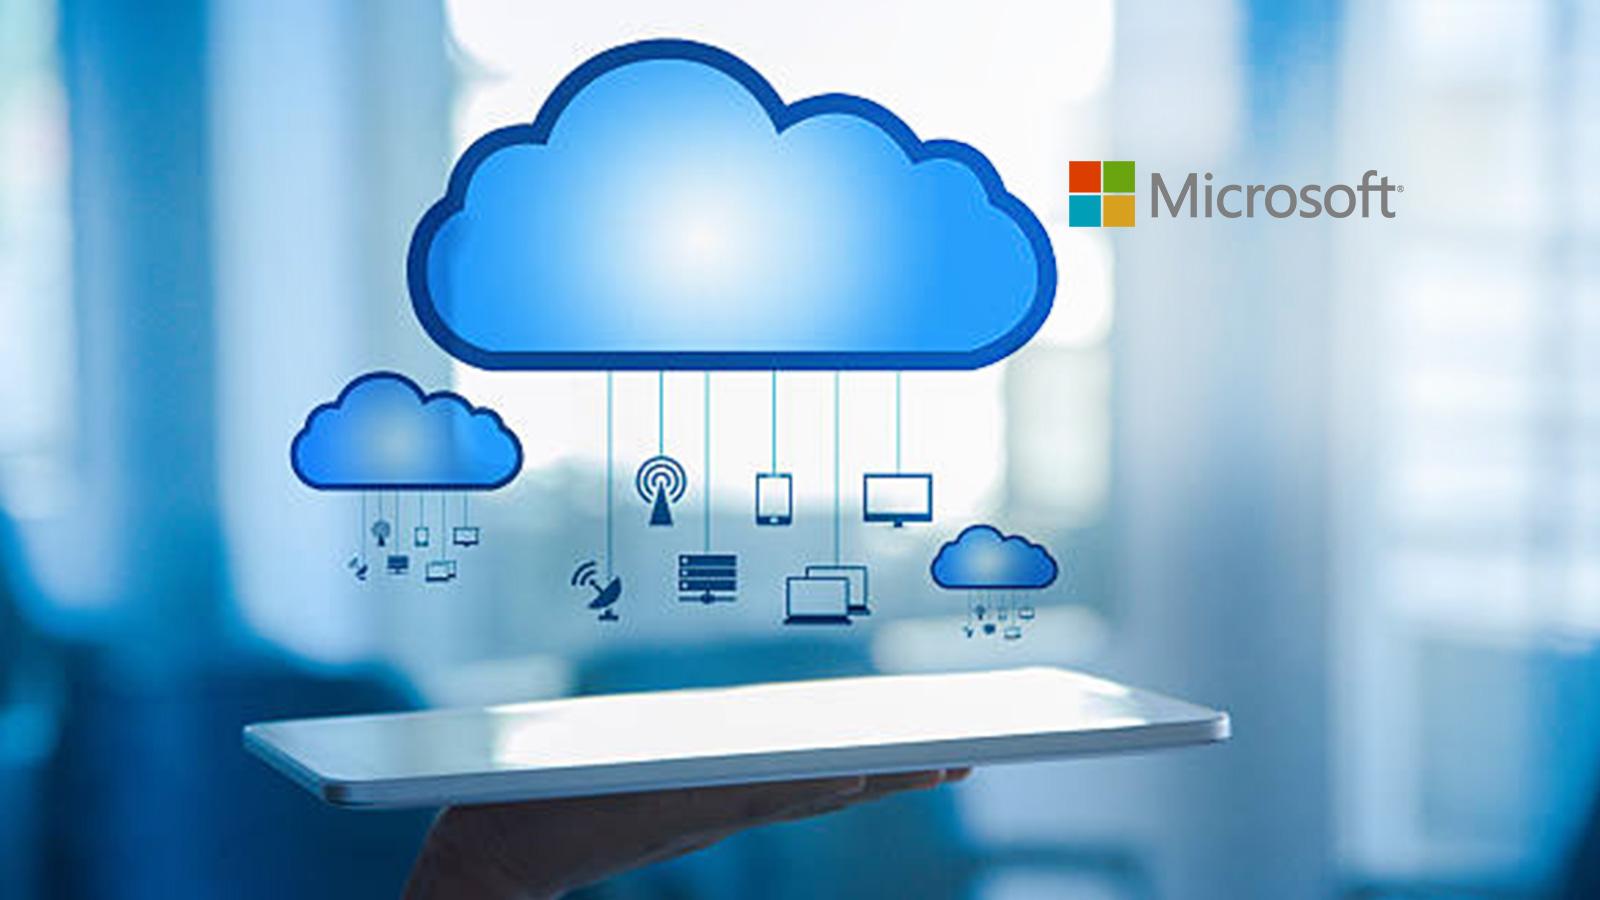 Microsoft toujours au top, propulsé par son offre cloud